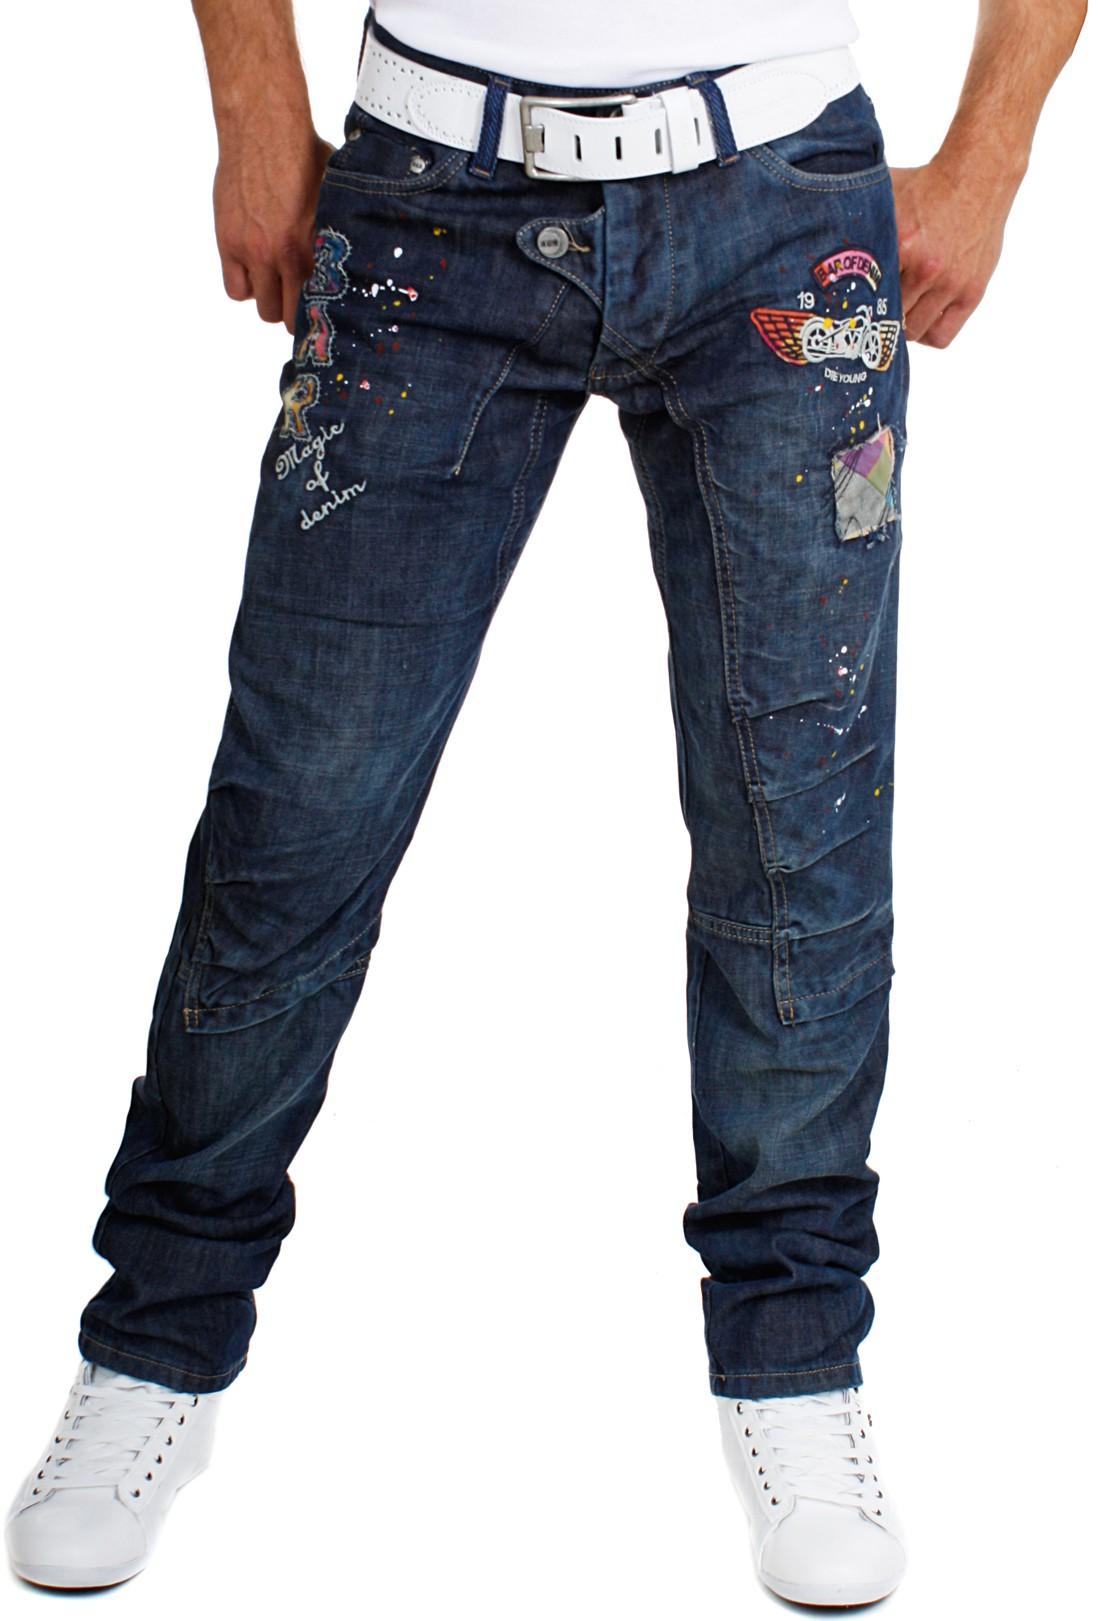 bar of denim vintage look denim herren jeans hose bestickt 4101 mit patches ebay. Black Bedroom Furniture Sets. Home Design Ideas